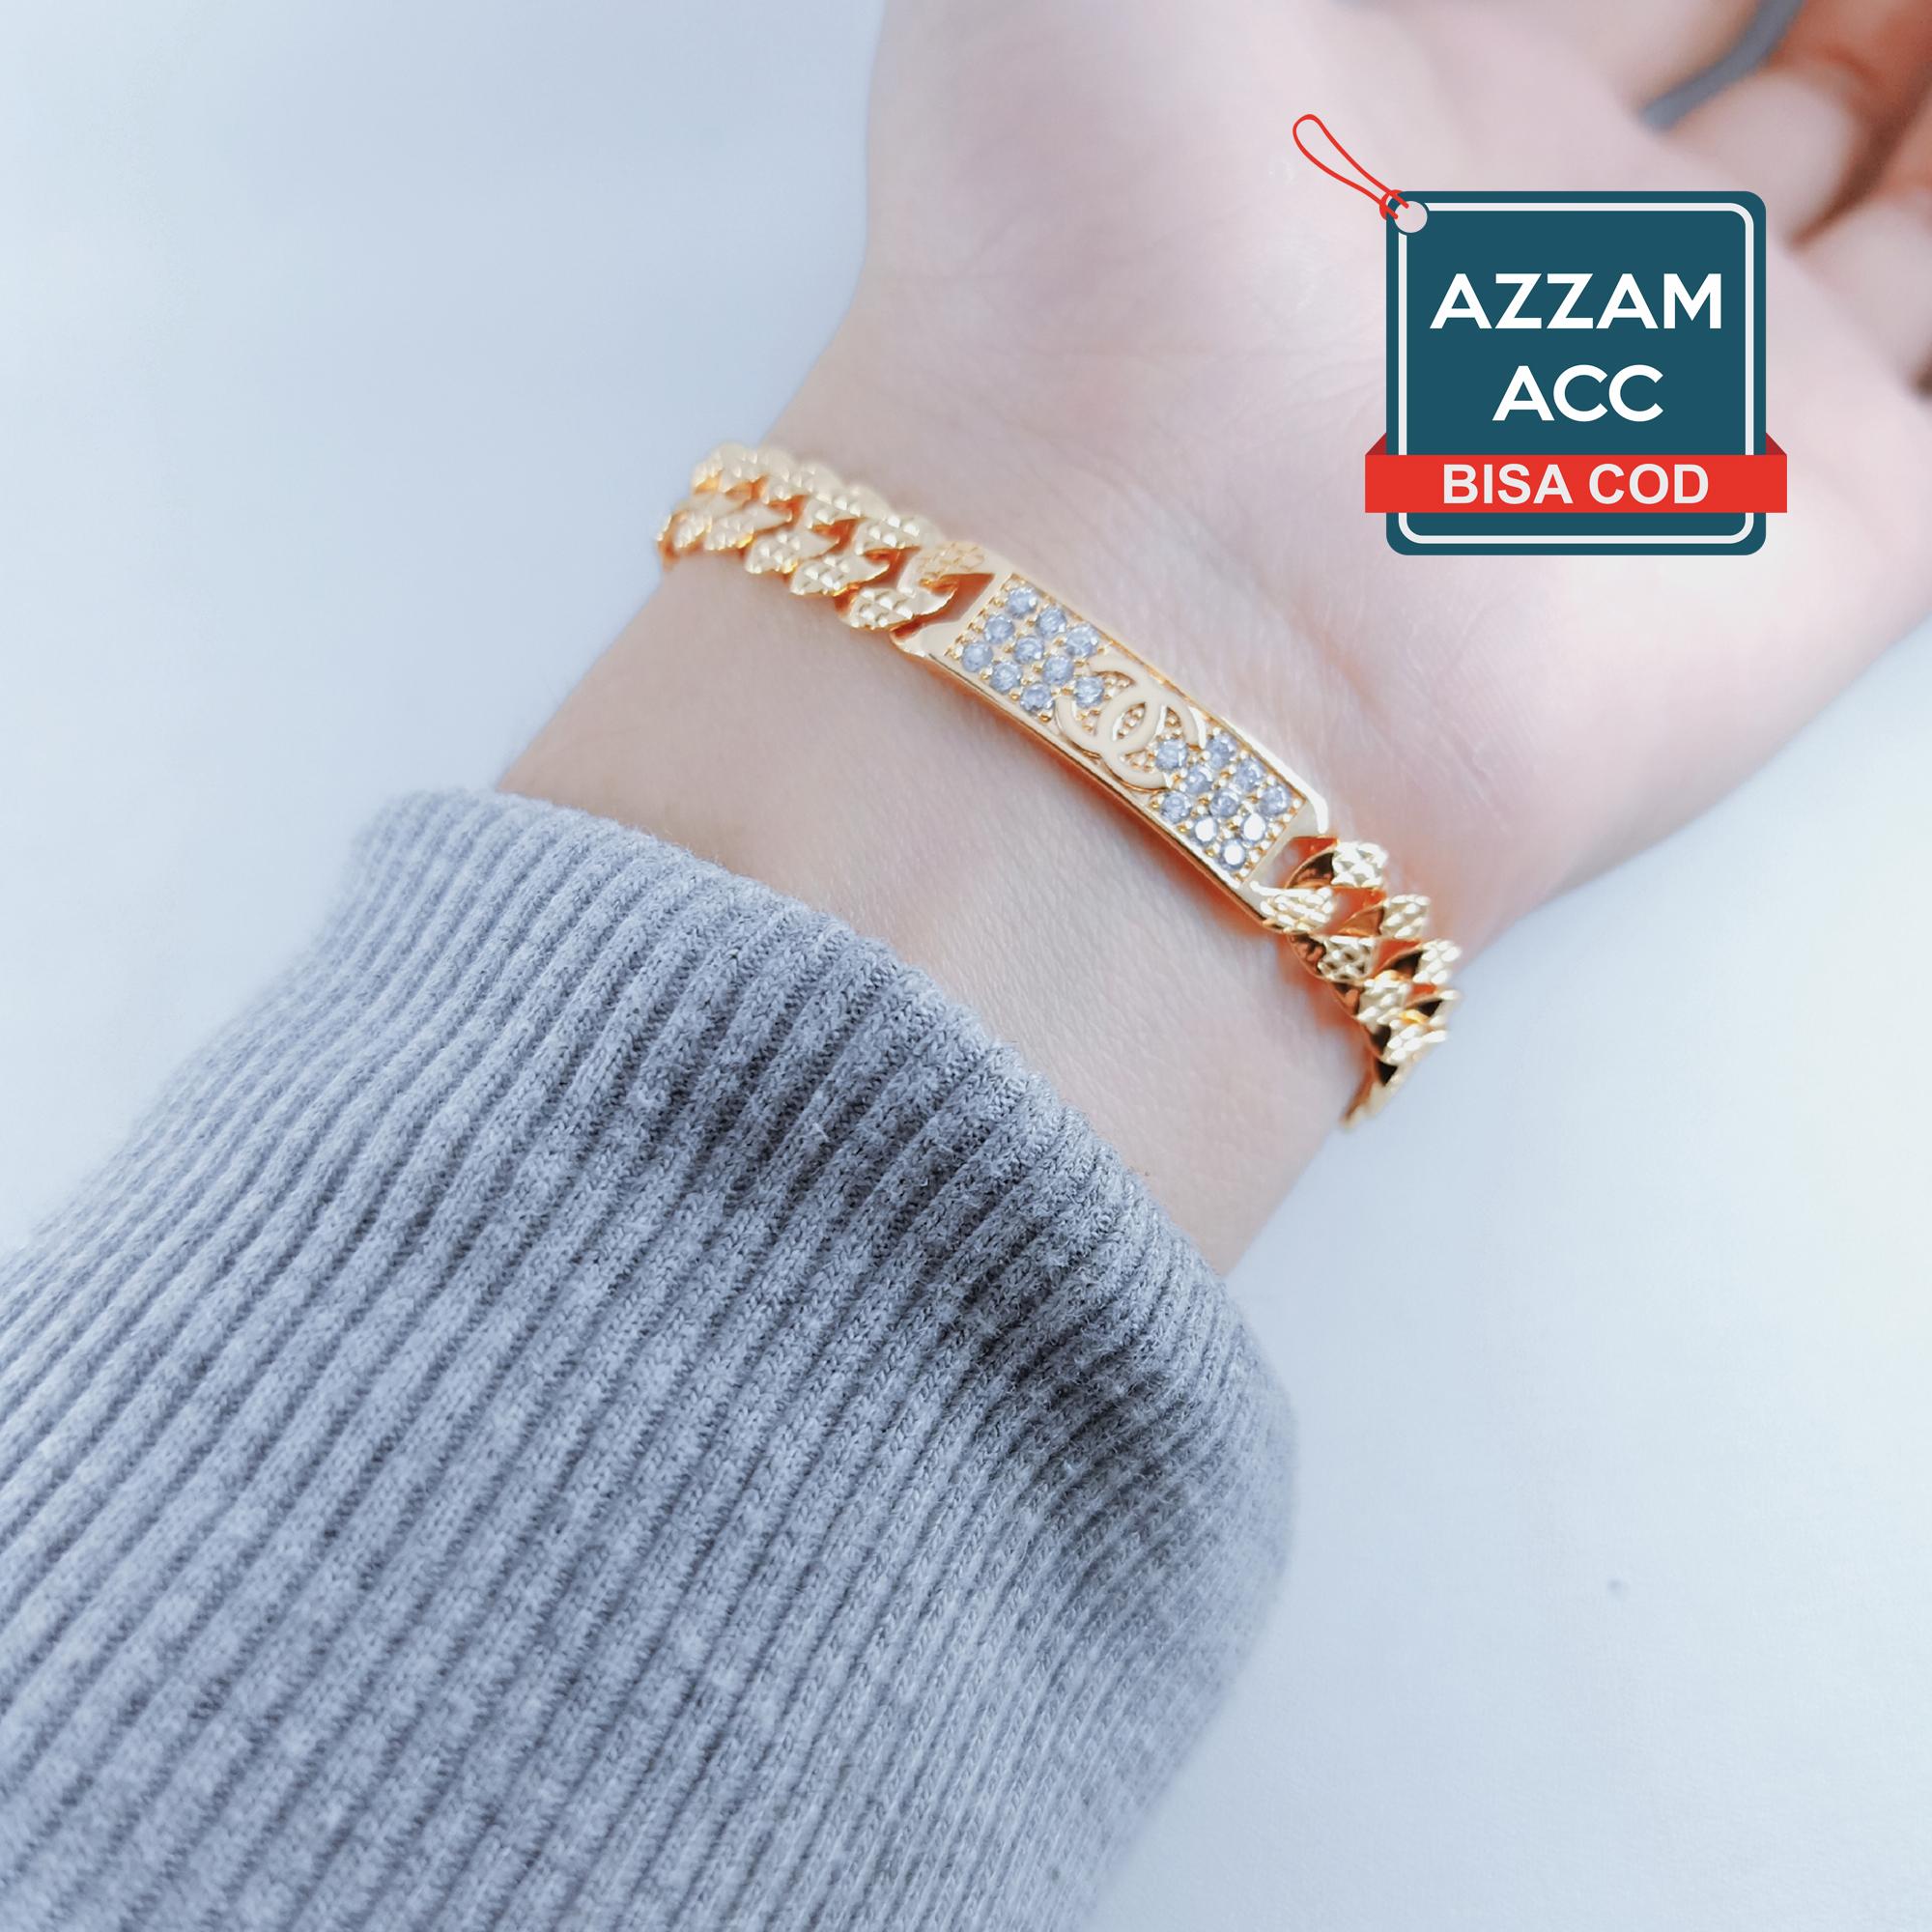 Spesifikasi dari Gelang Rantai Plat Marcos Motif chanel Gold 3 terlihat seperti emas asli